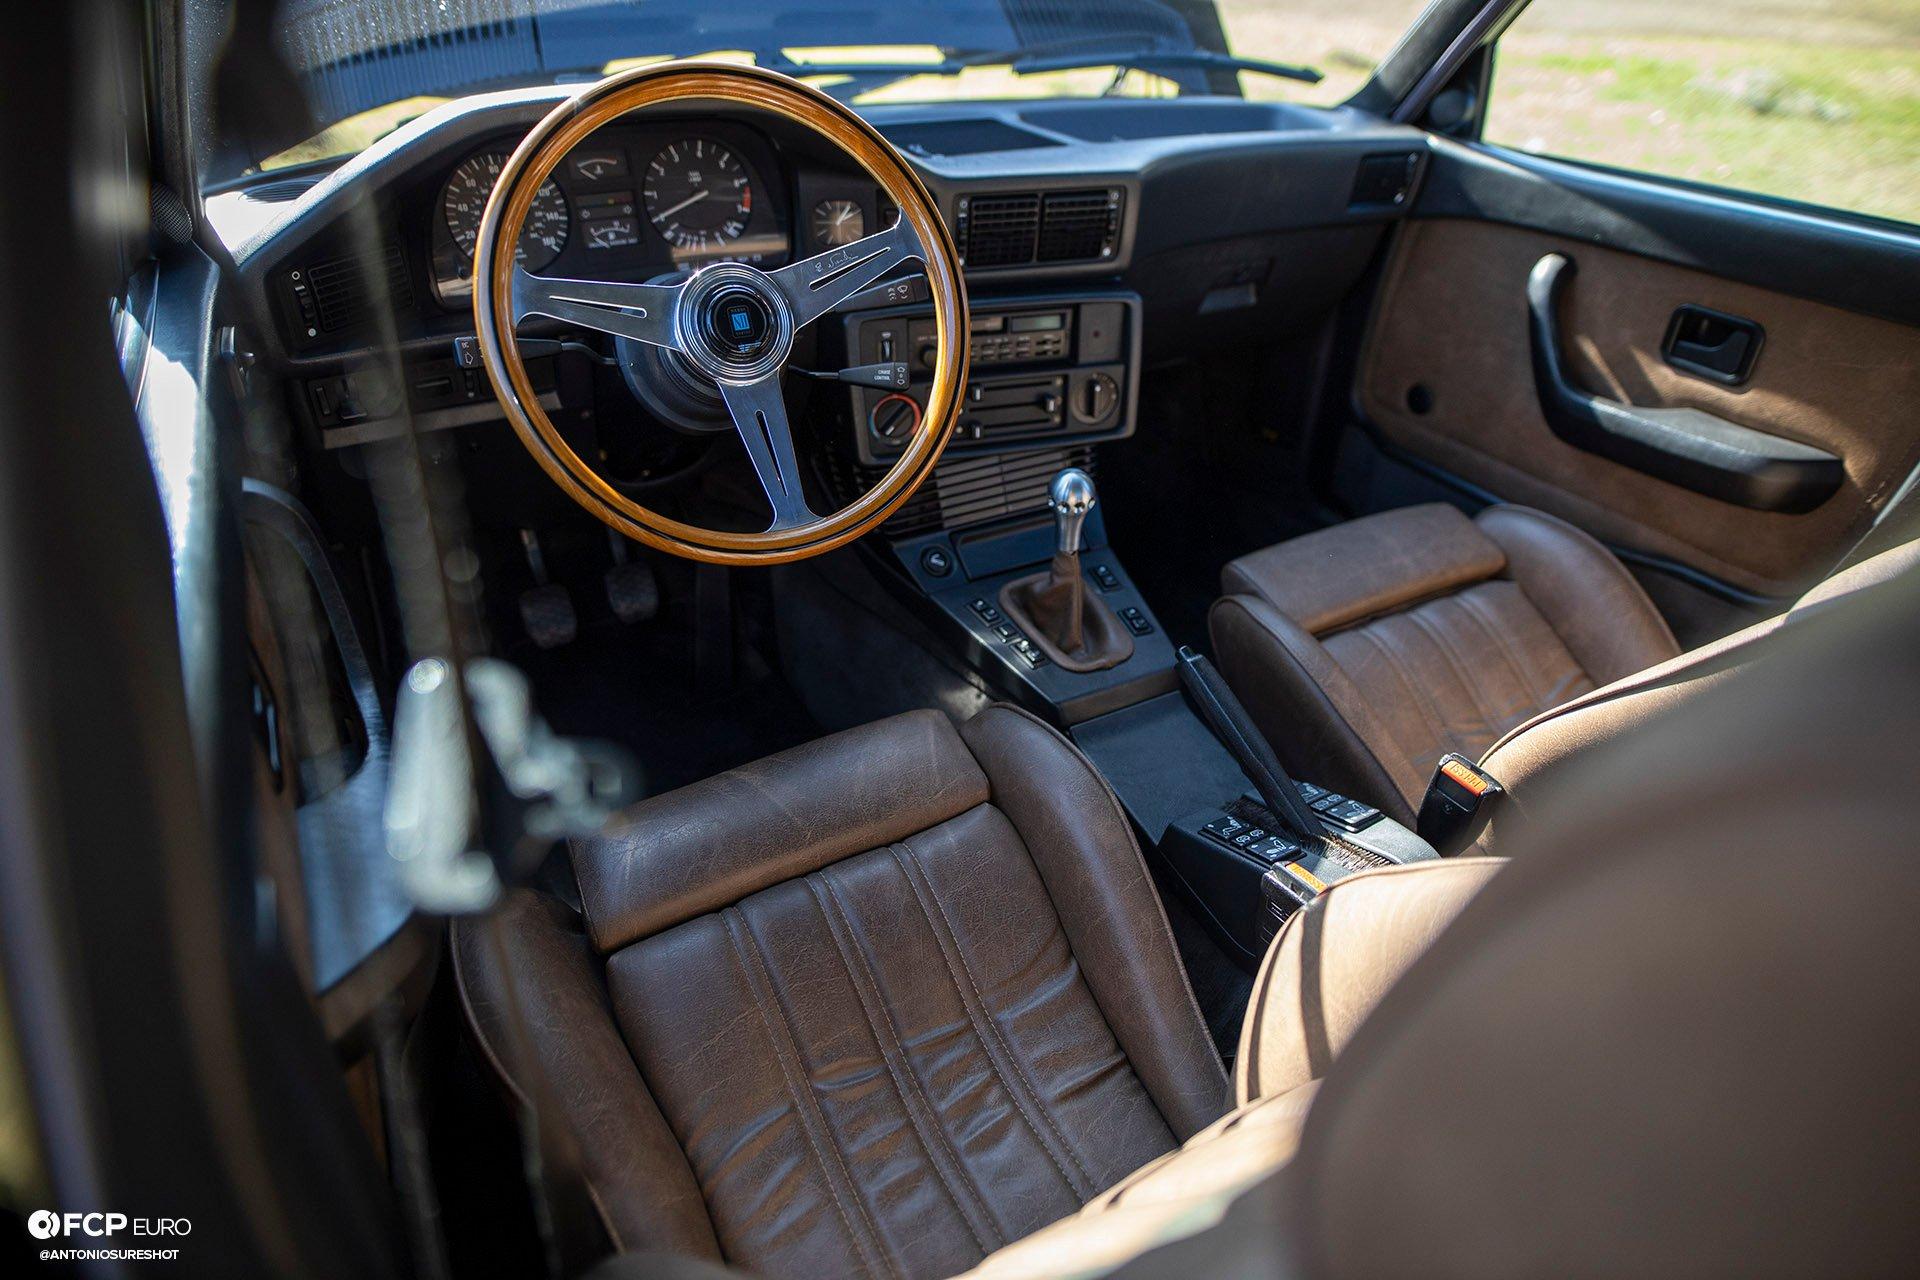 BMW E28 M60B40 V8 Engine Swap 535i Interior